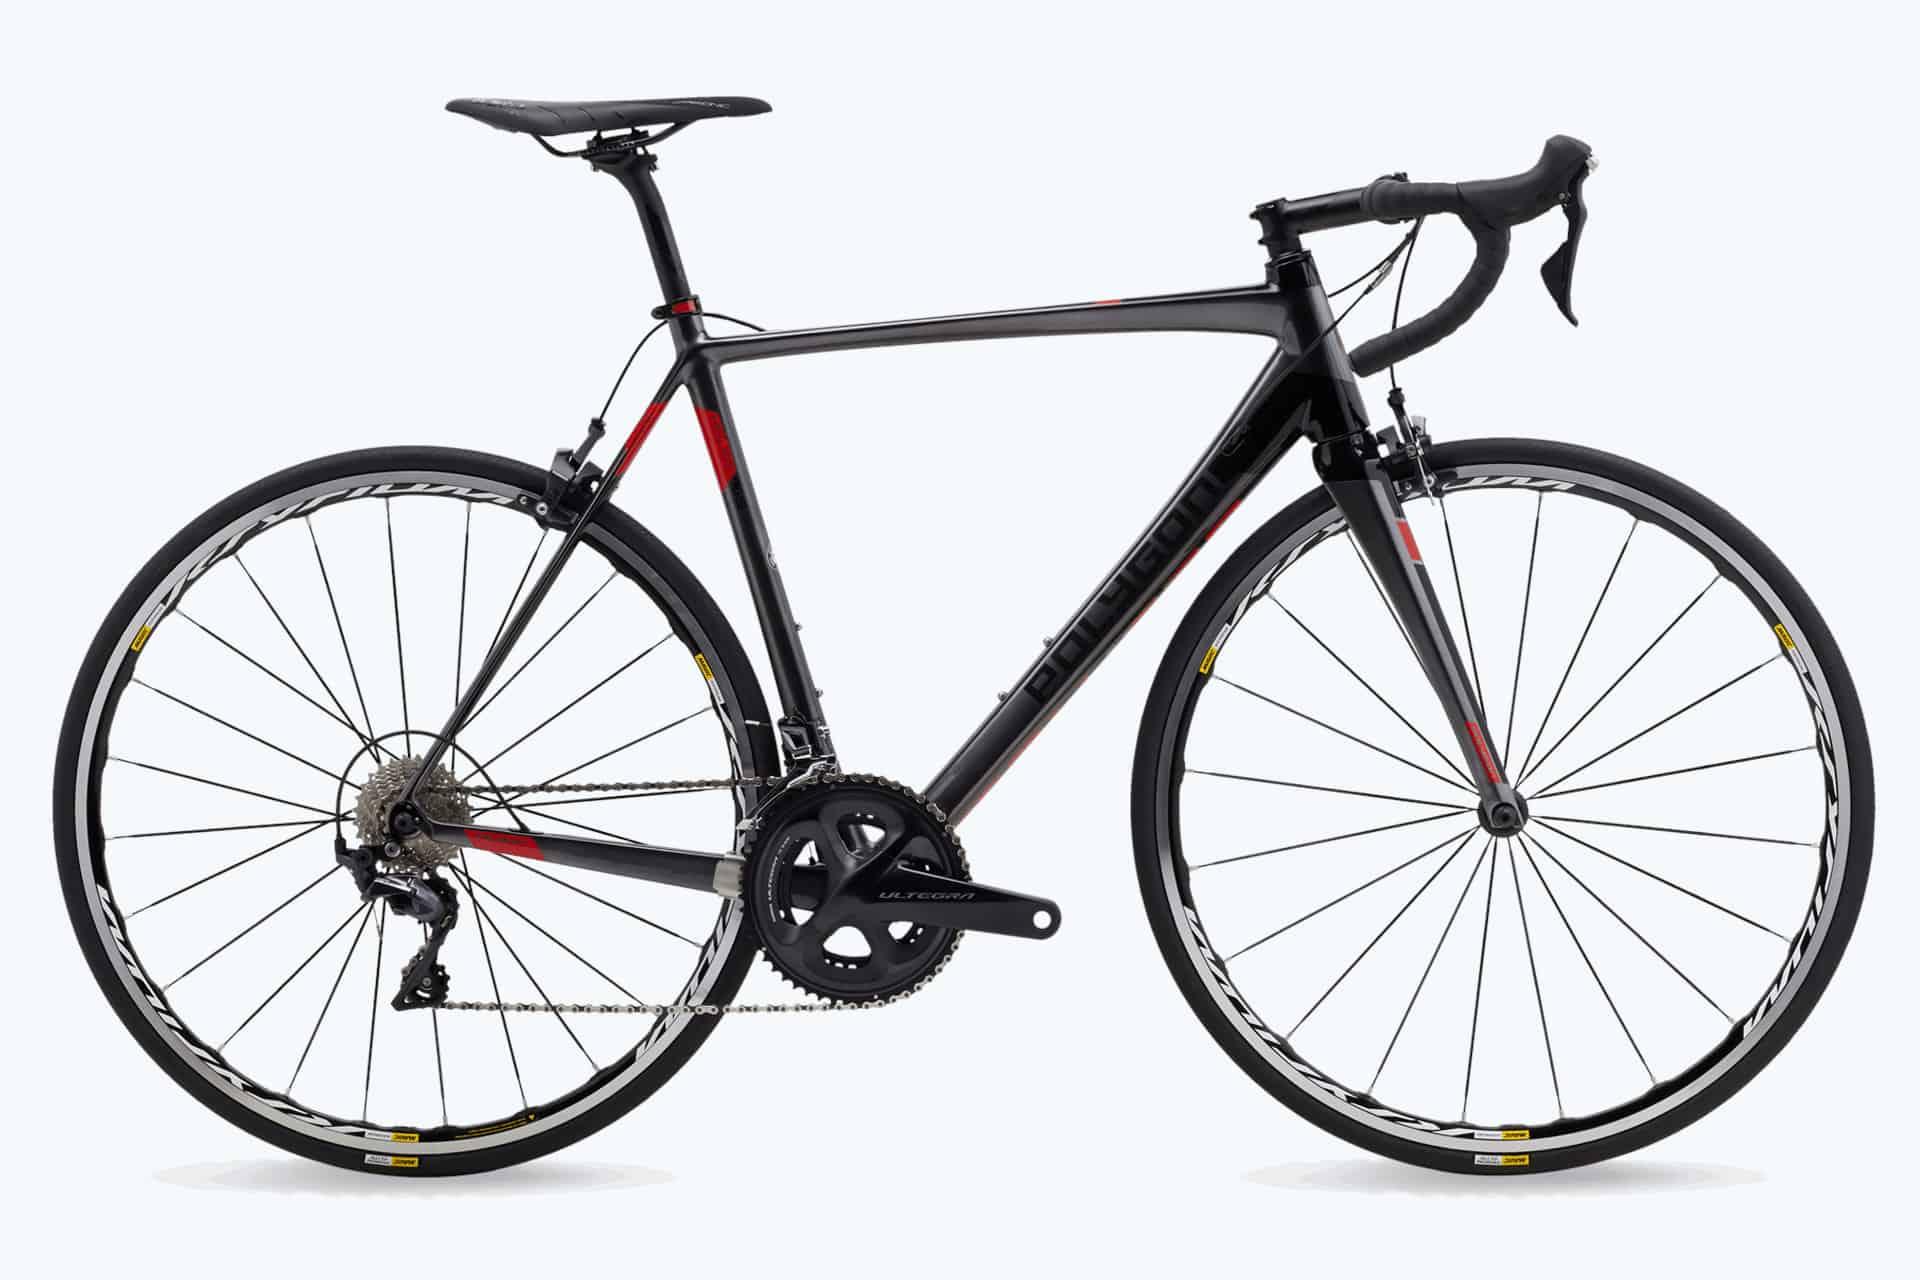 Spesifikasi dan Harga Polygon Helios Lt8 Chrome - Sepeda.Me